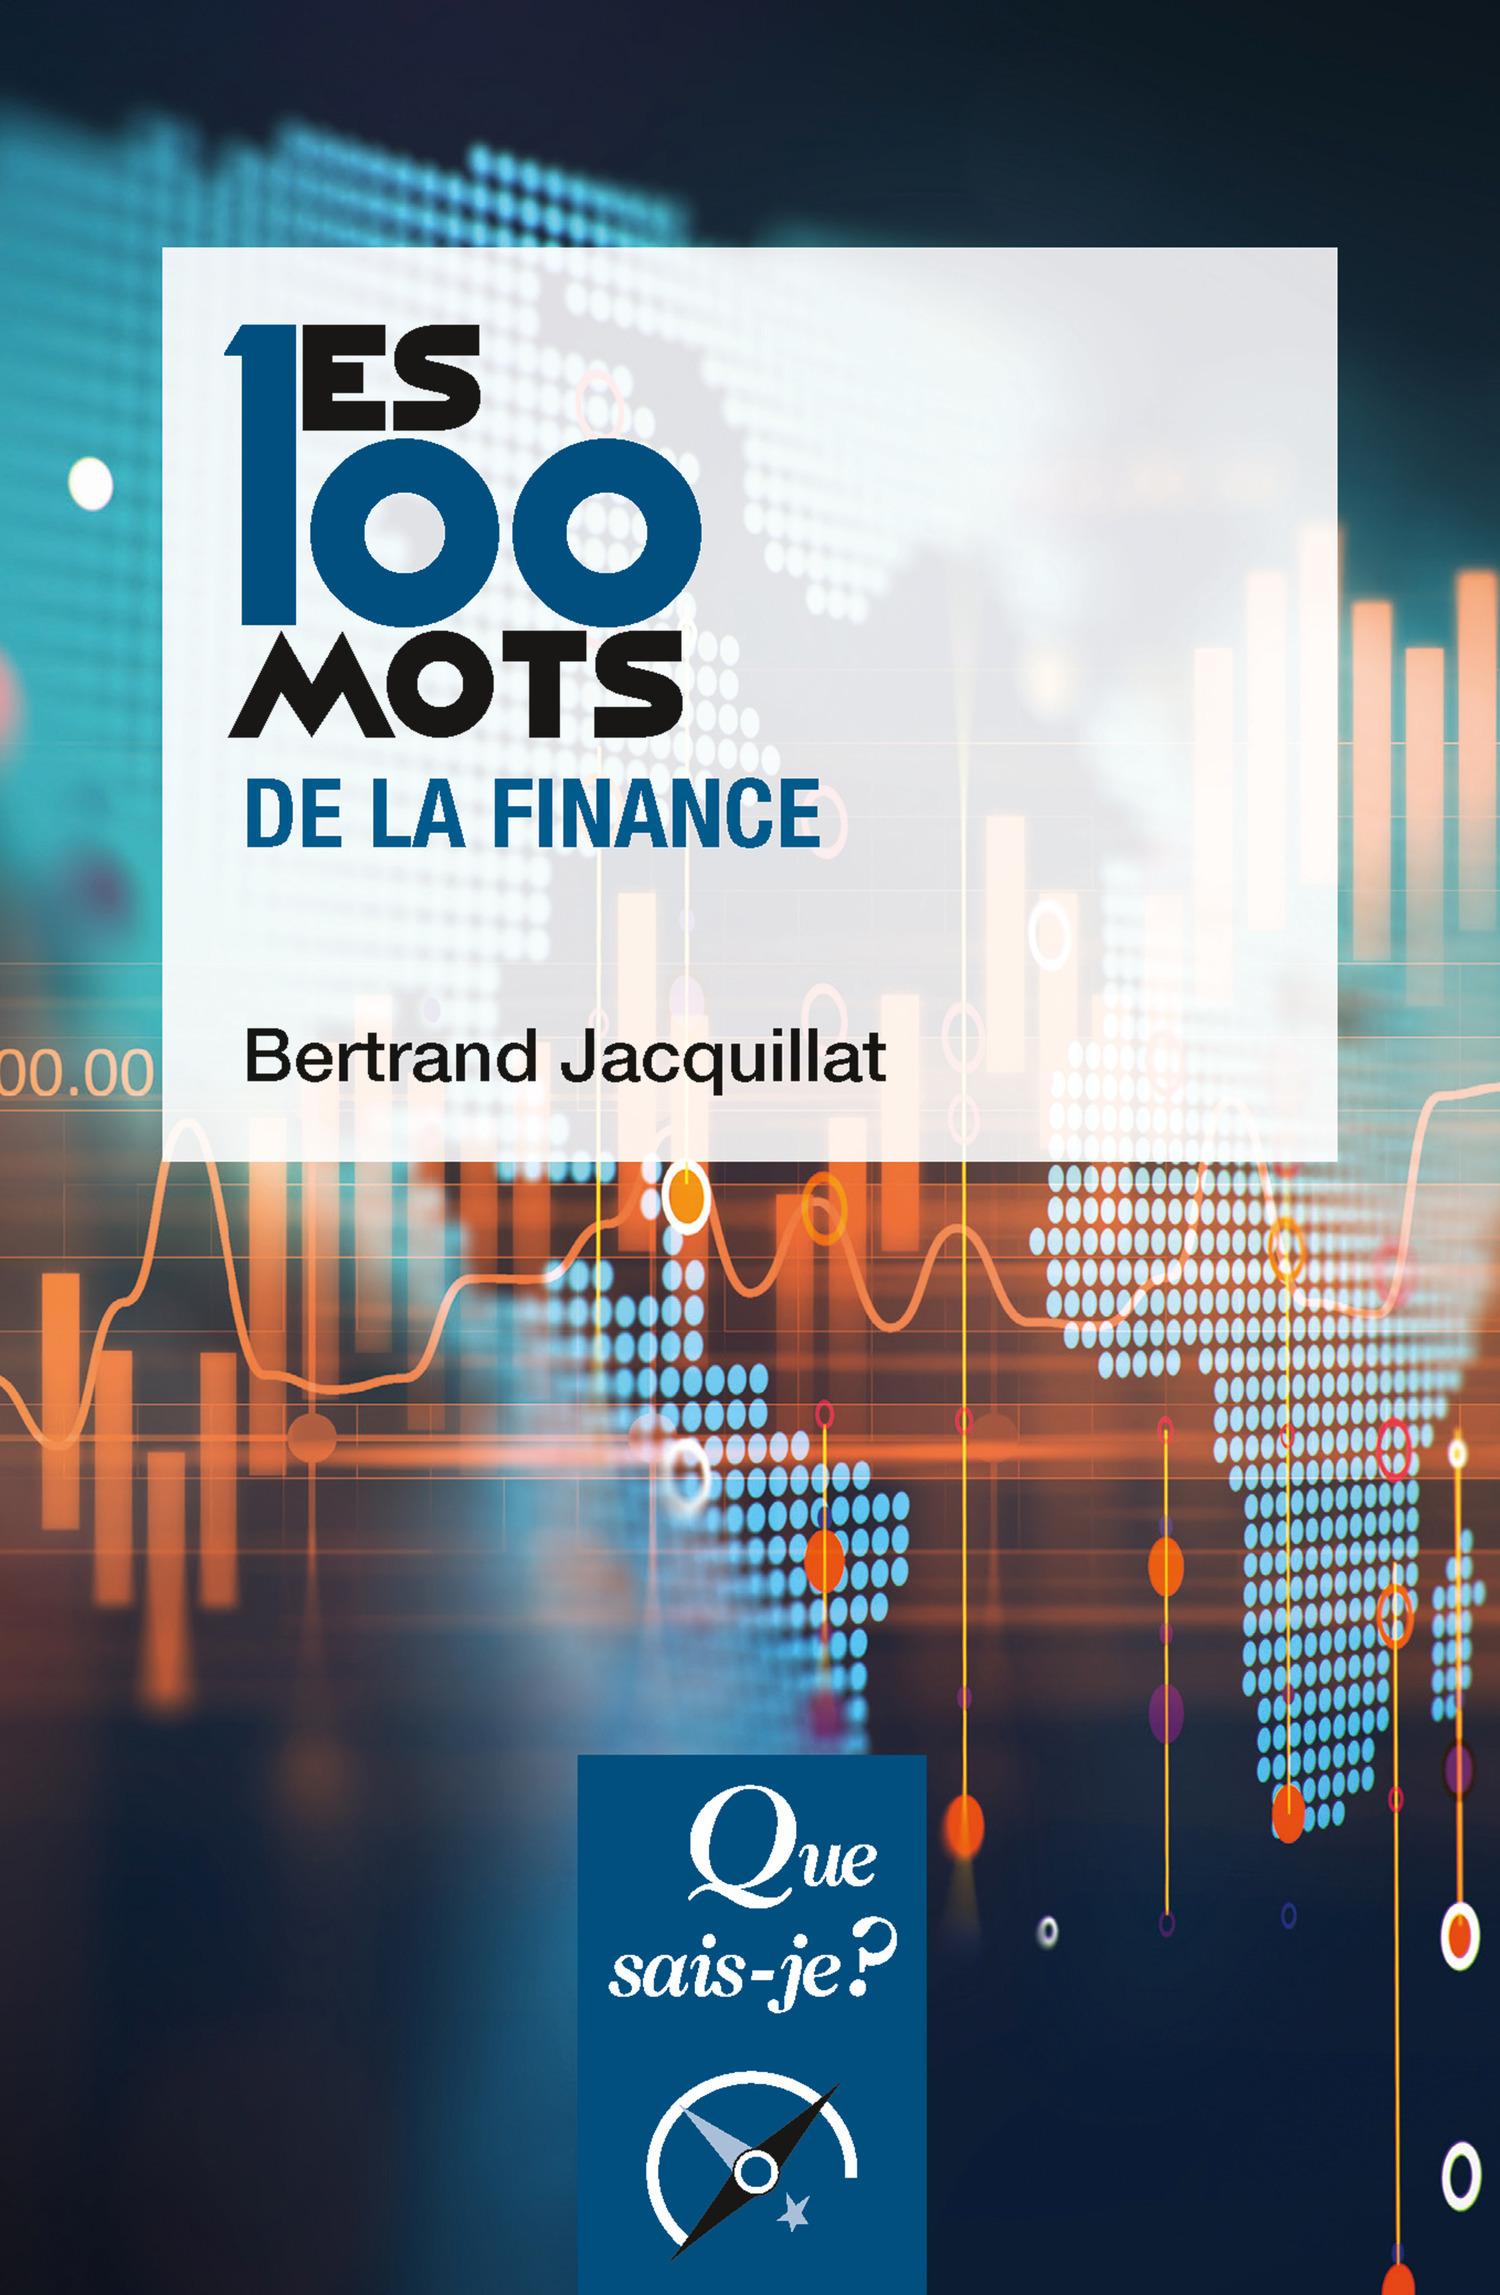 Les 100 mots de la finance (7e édition)